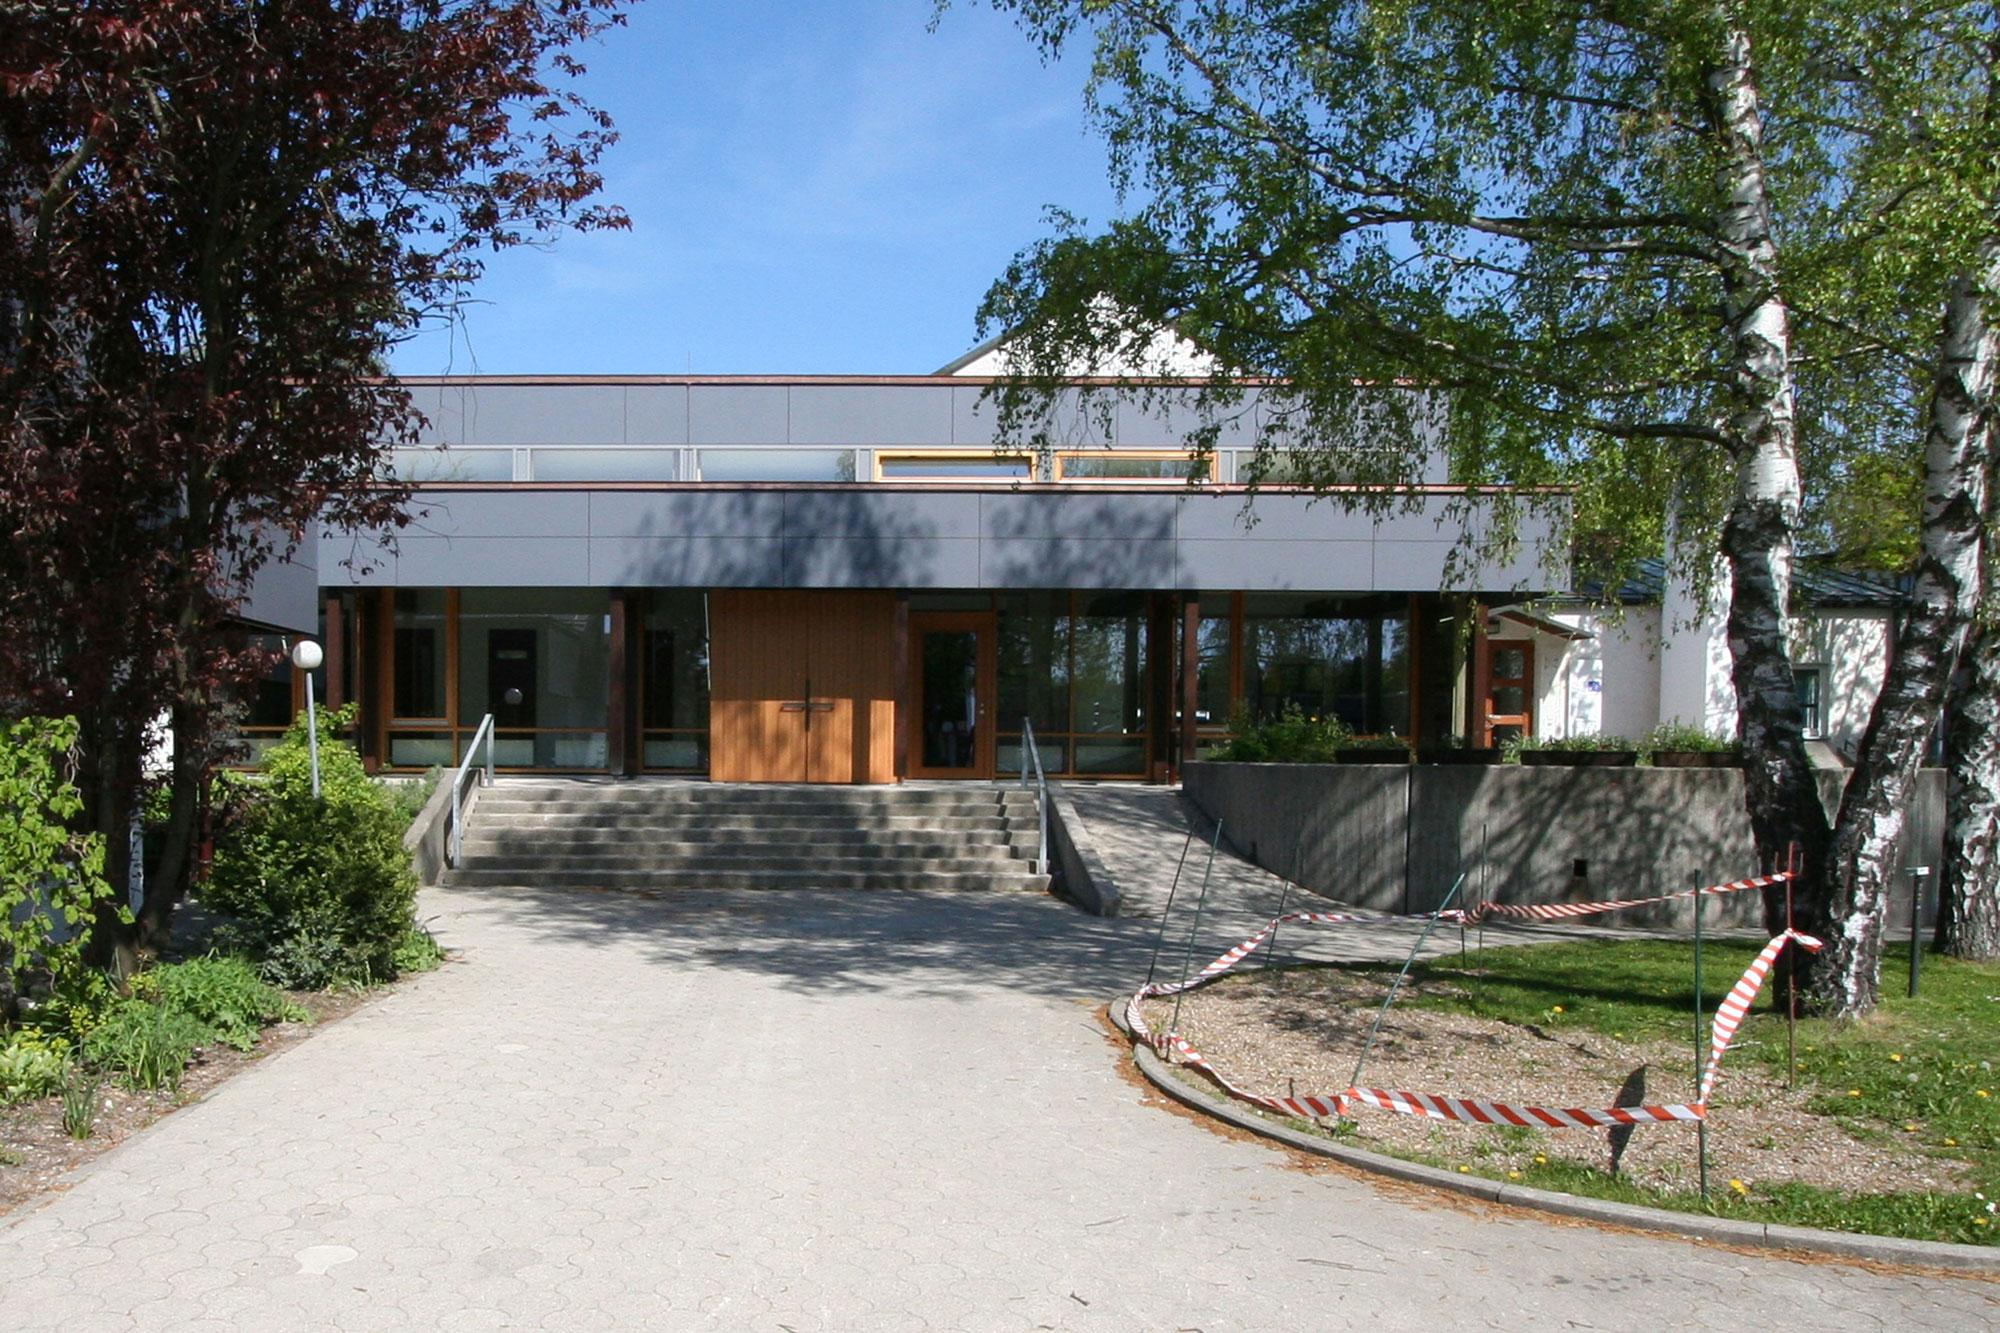 Innenarchitektur-München-Sanierung-Pfarramt-01